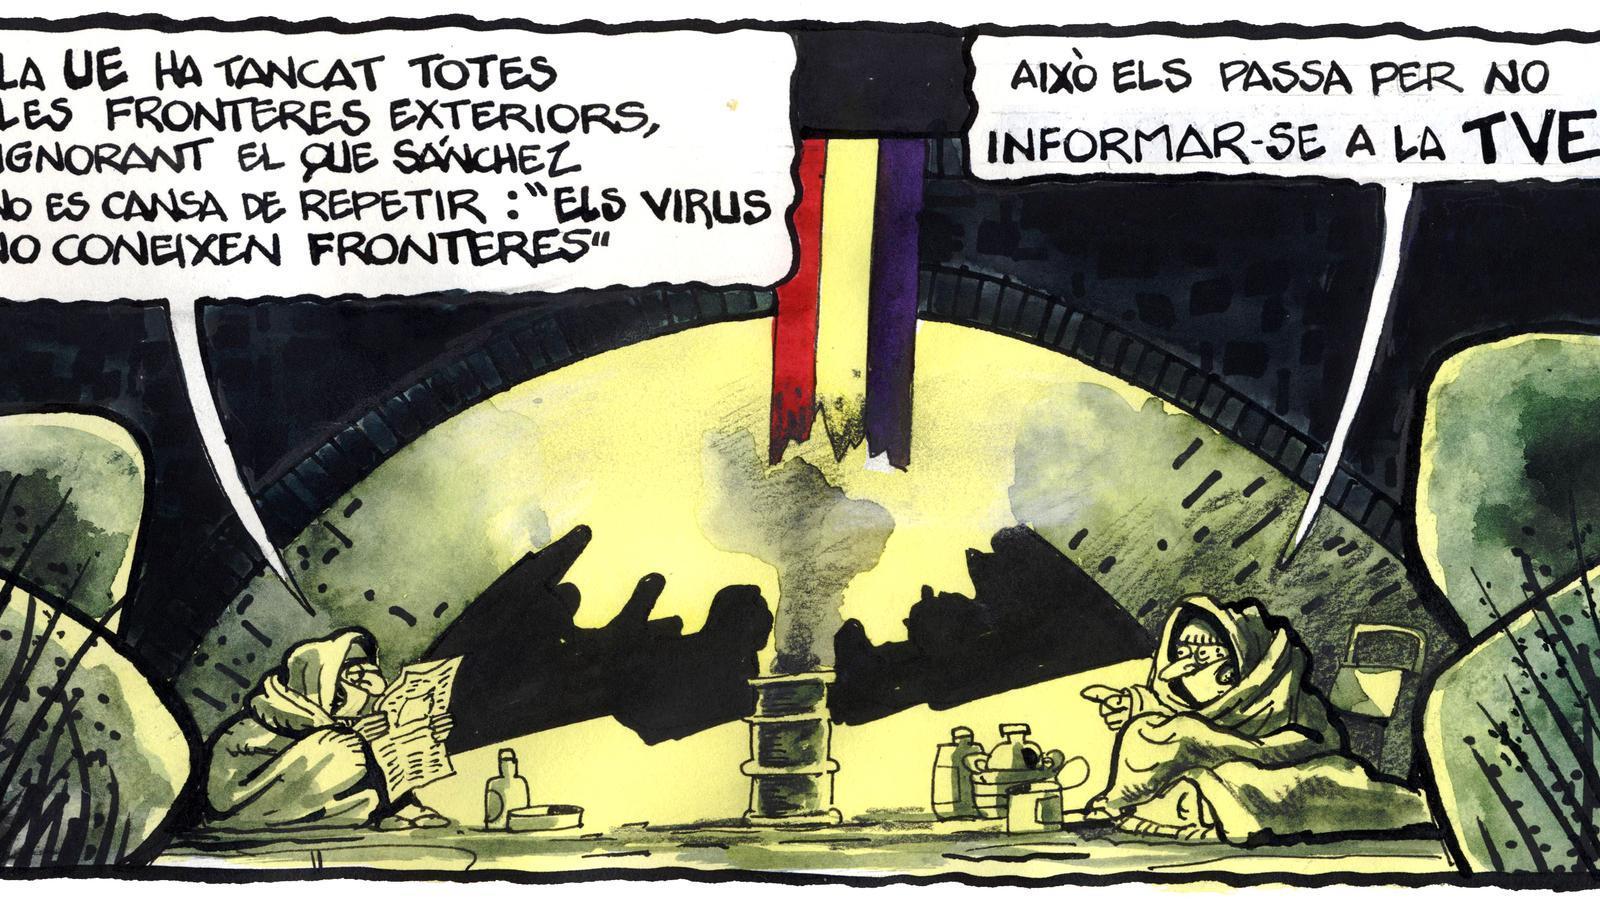 'A la contra', per Ferreres 21/03/2020